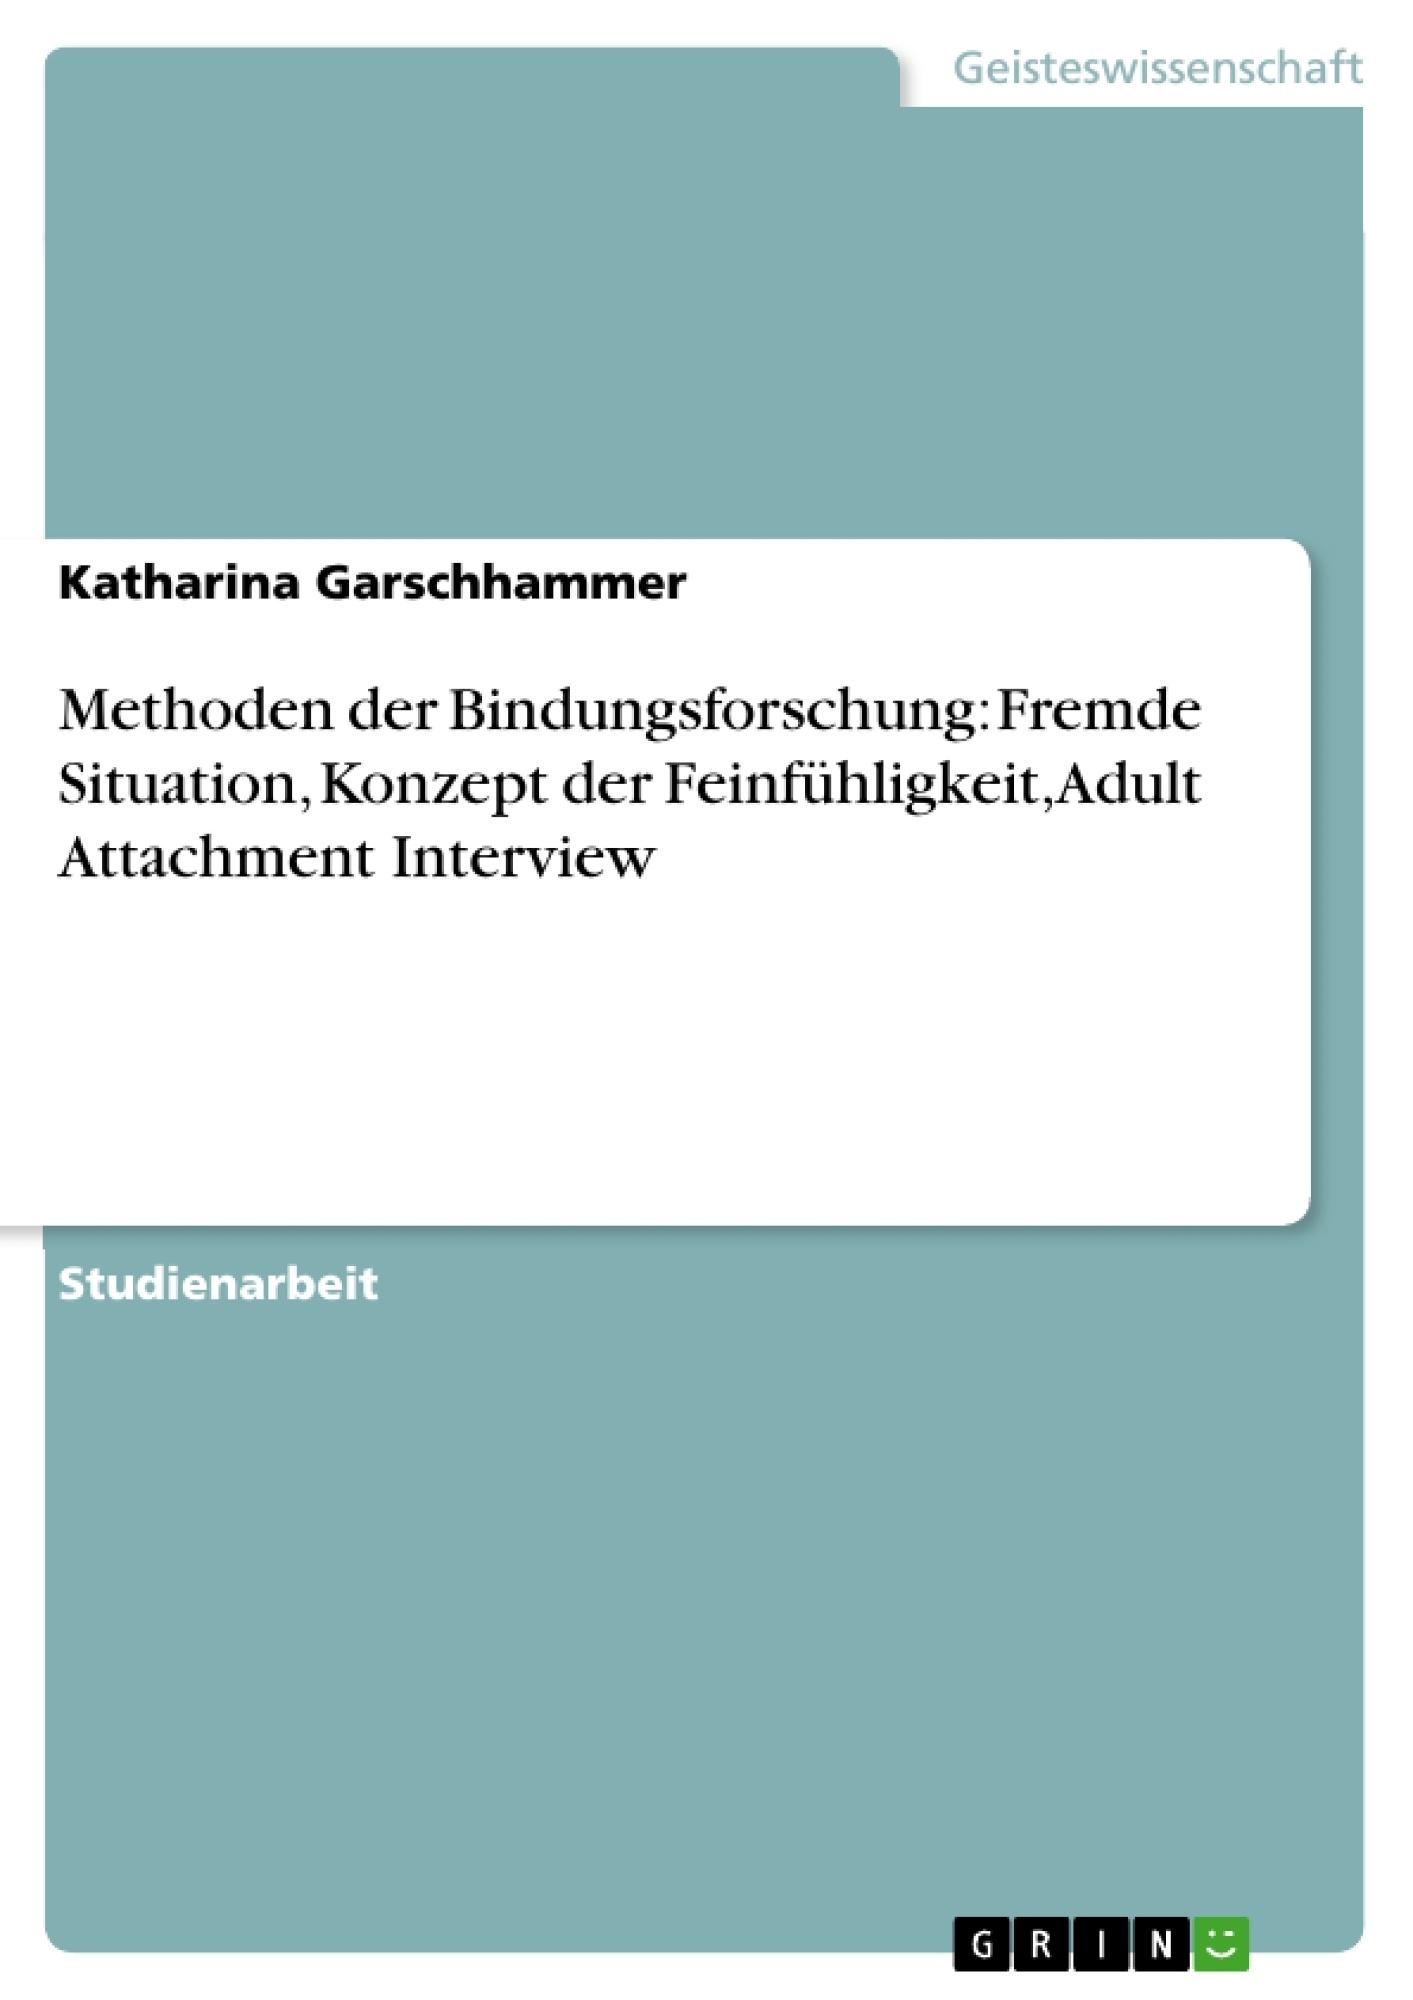 Titel: Methoden der Bindungsforschung: Fremde Situation, Konzept der Feinfühligkeit, Adult Attachment Interview